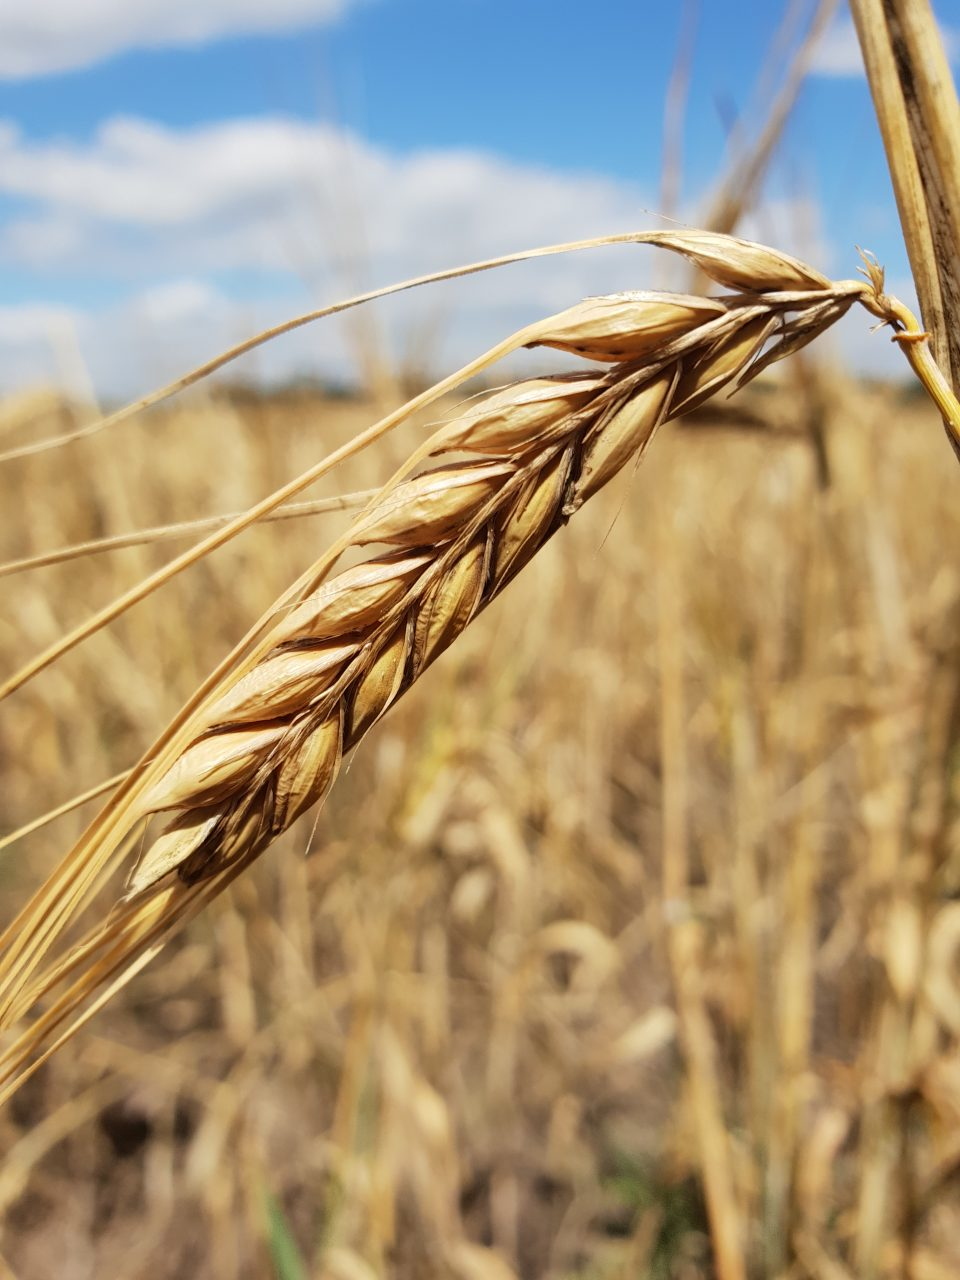 ohne Filter - Ähre, Getreide